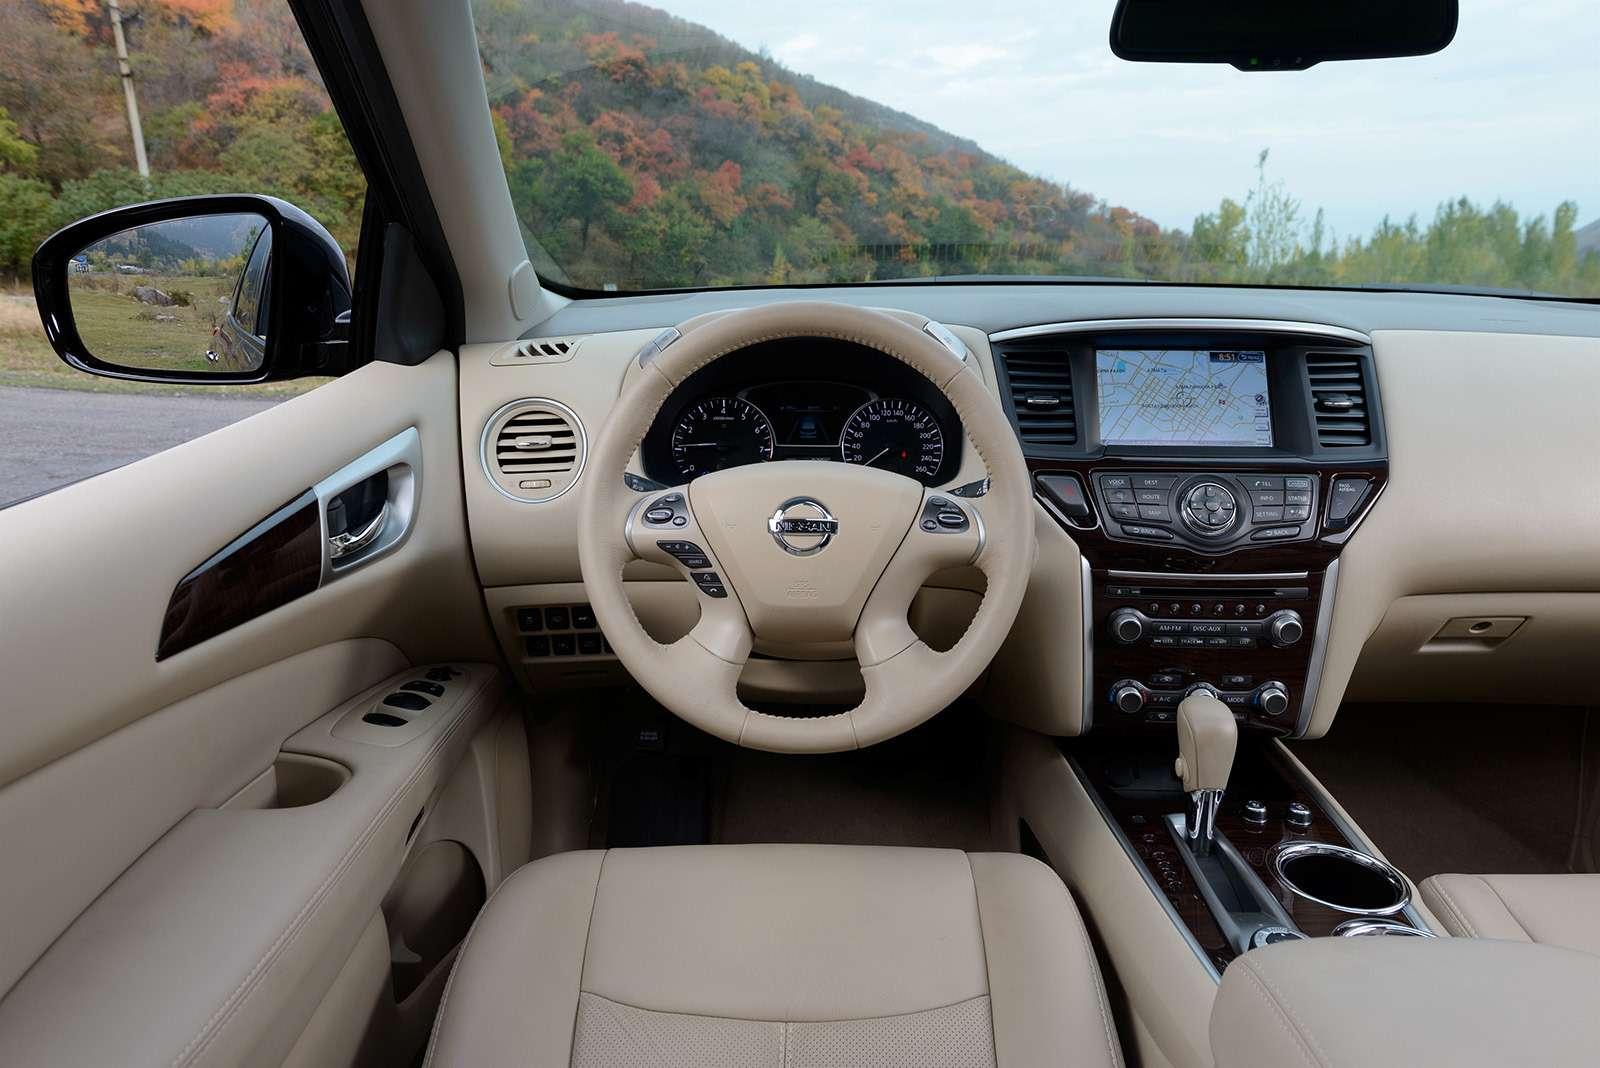 Двемодели Nissan ушли сроссийского рынка. Какие ипочему?— фото 817271